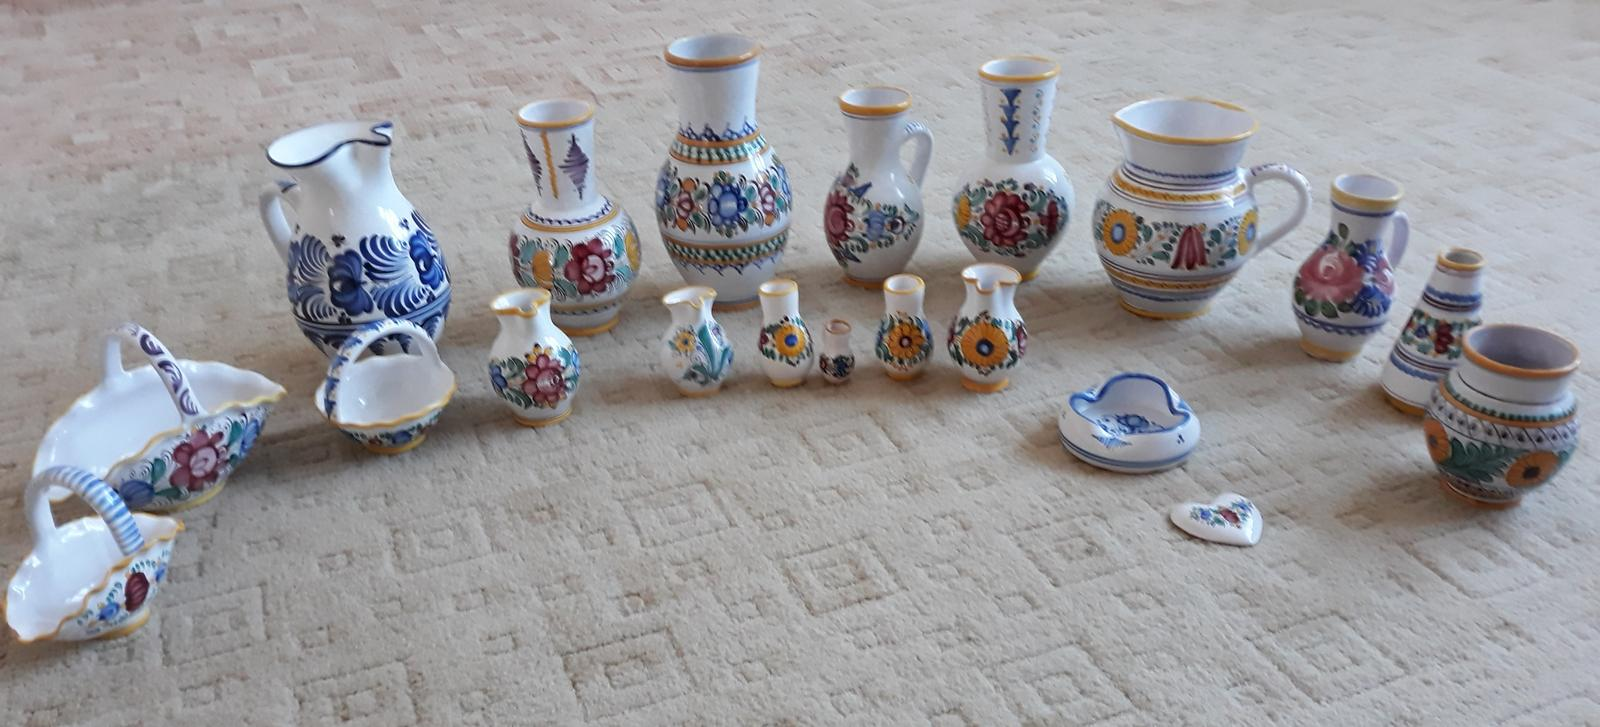 Originál Modranská keramika-z r.1970-1990-50ks - Obrázok č. 1